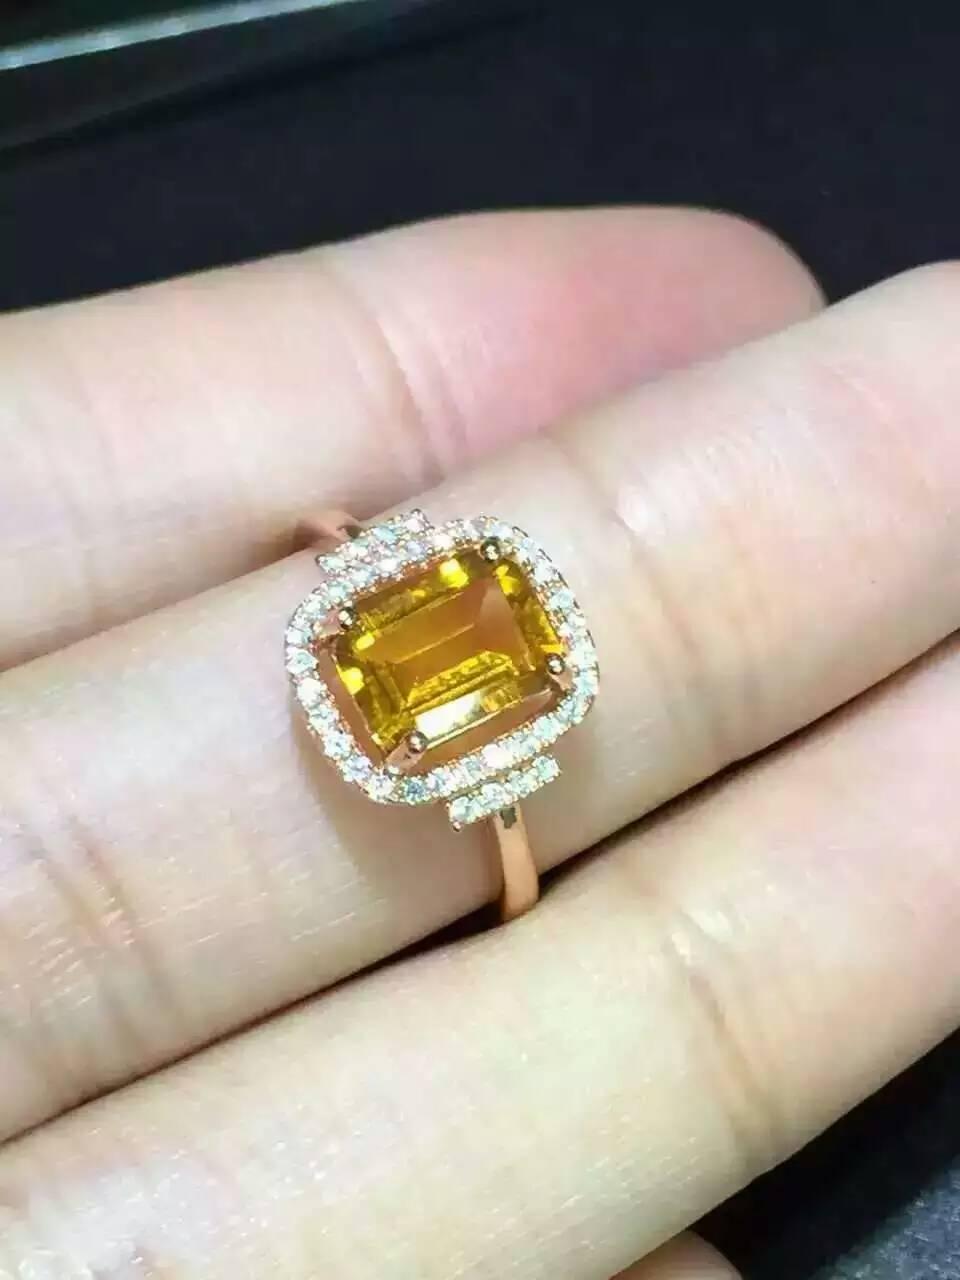 Bague en citrine naturelle bague en cristal jaune naturel S925 en argent sterling à la mode élégant carré femmes fille cadeau bijoux